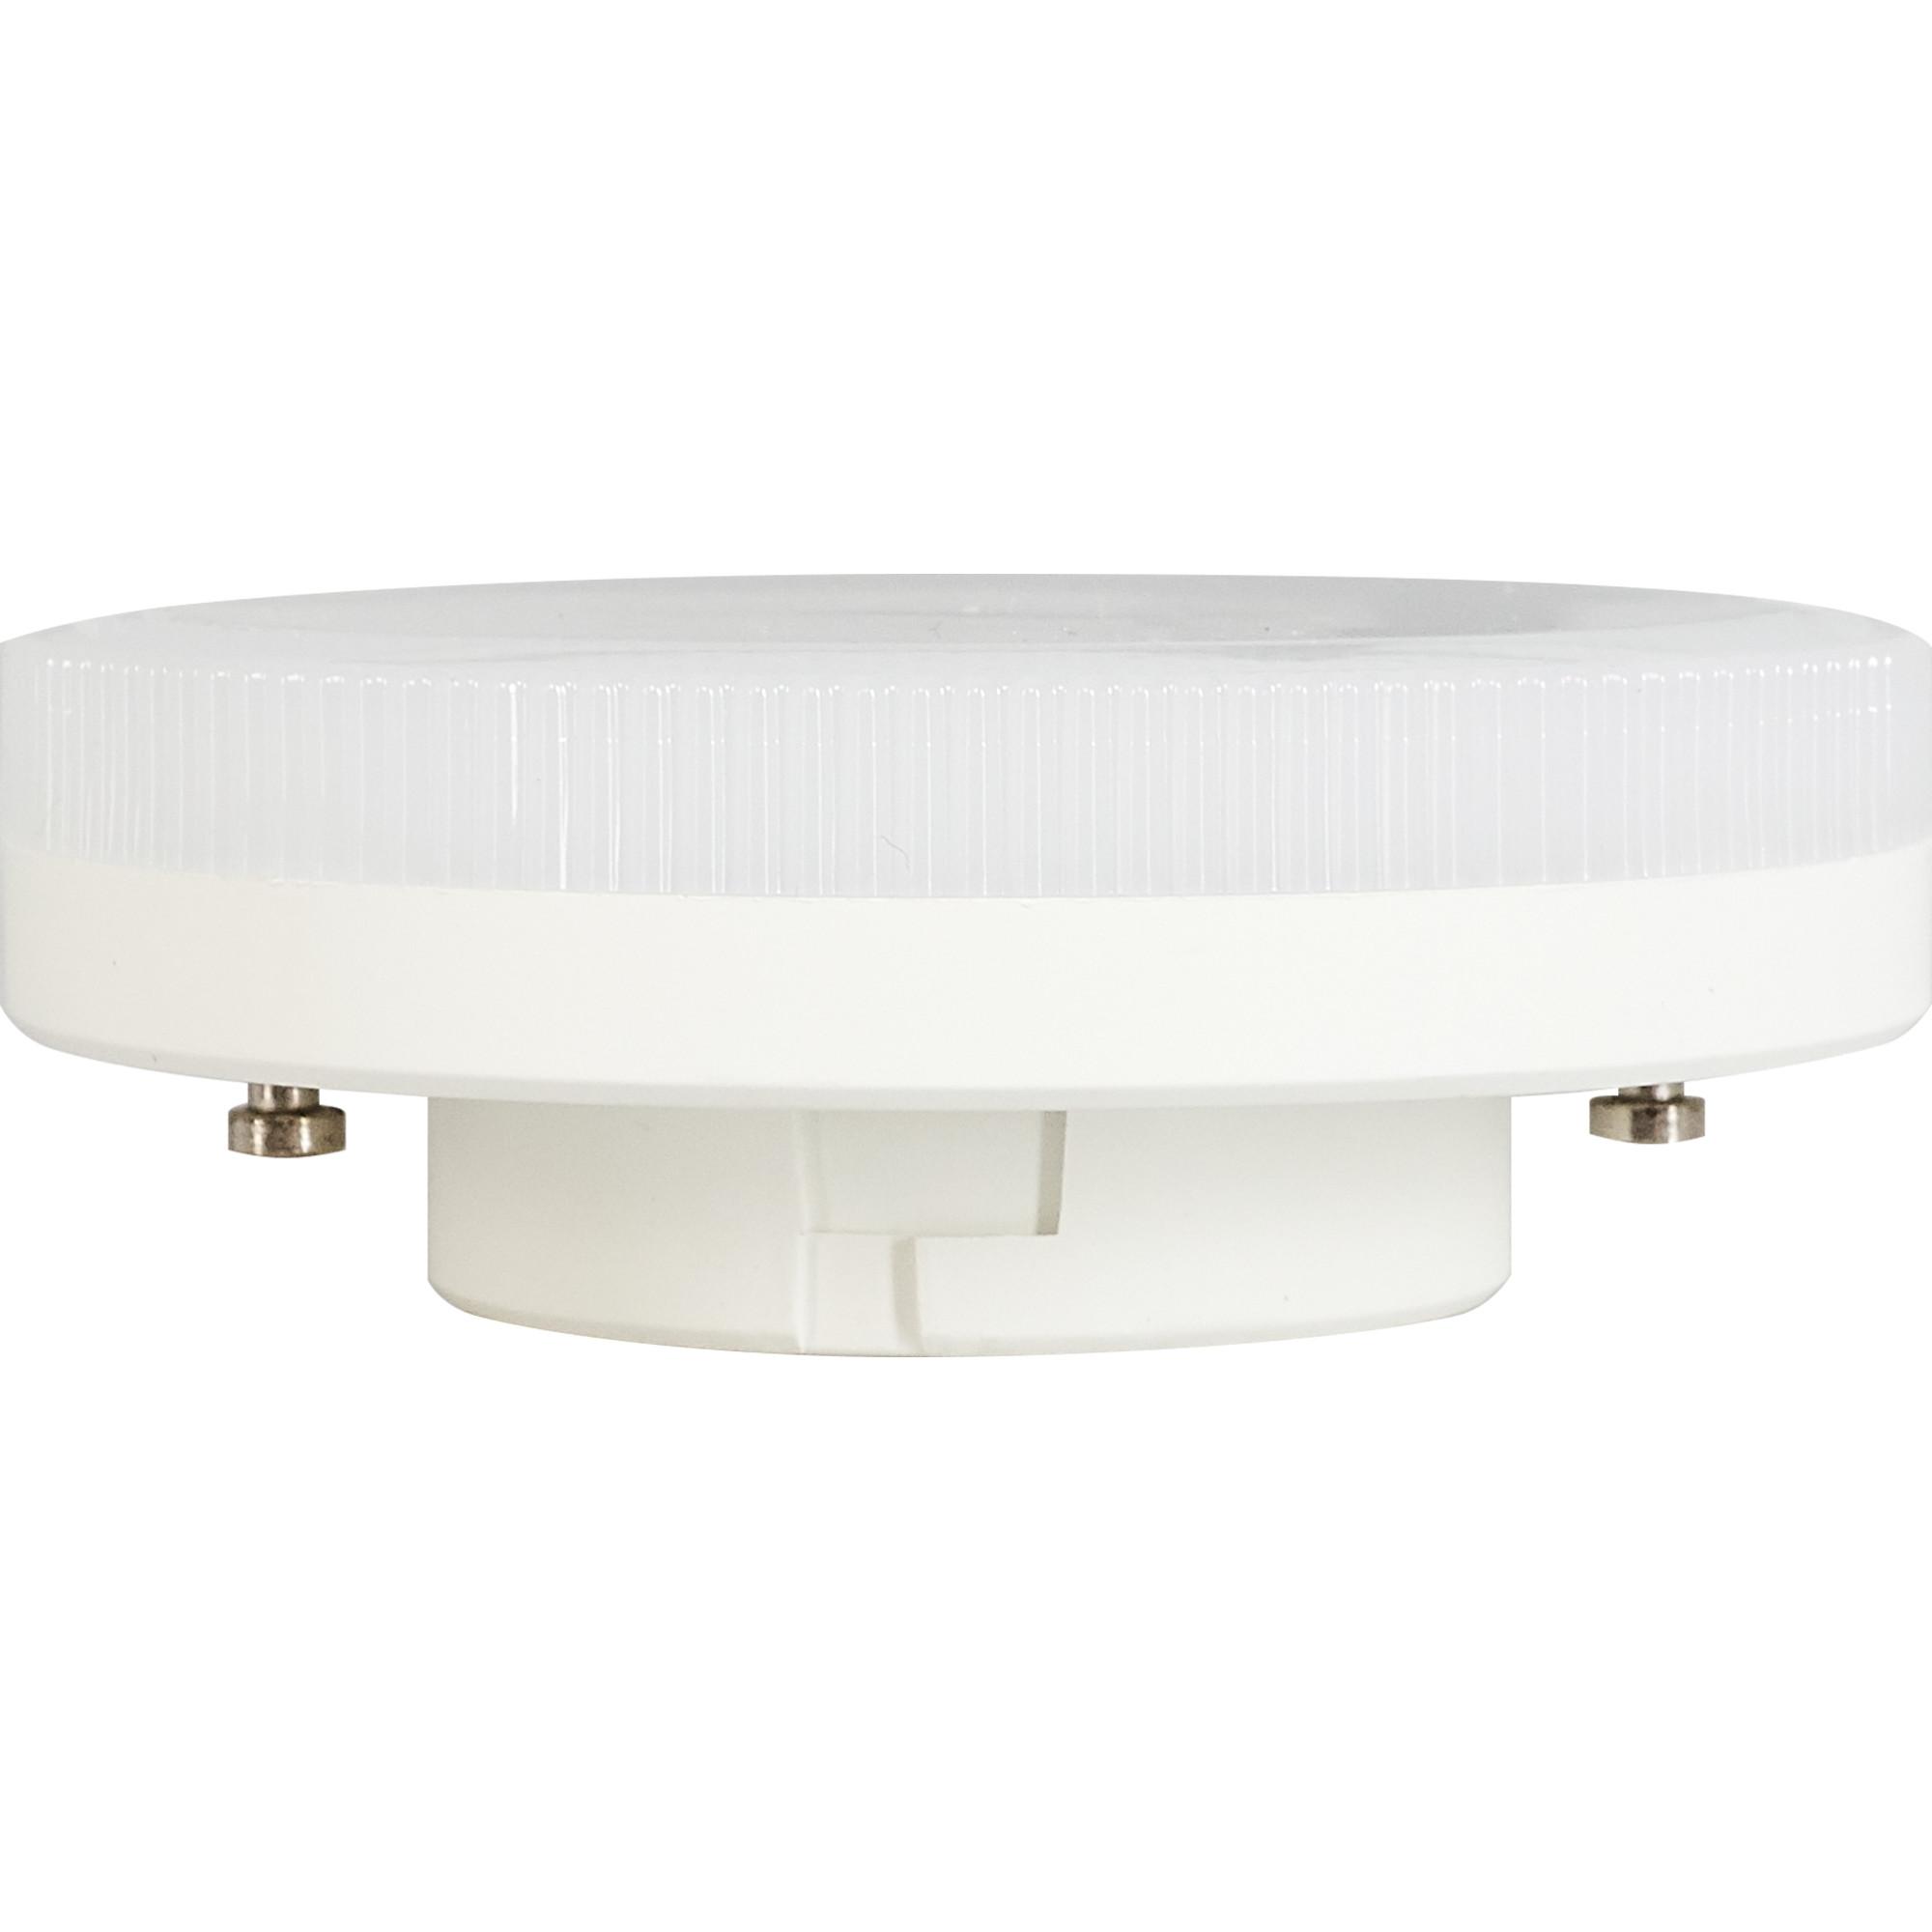 Лампа светодиодная Gauss Basic GX53 230 В 10.5 Вт диск 750 лм свет тёплый белый